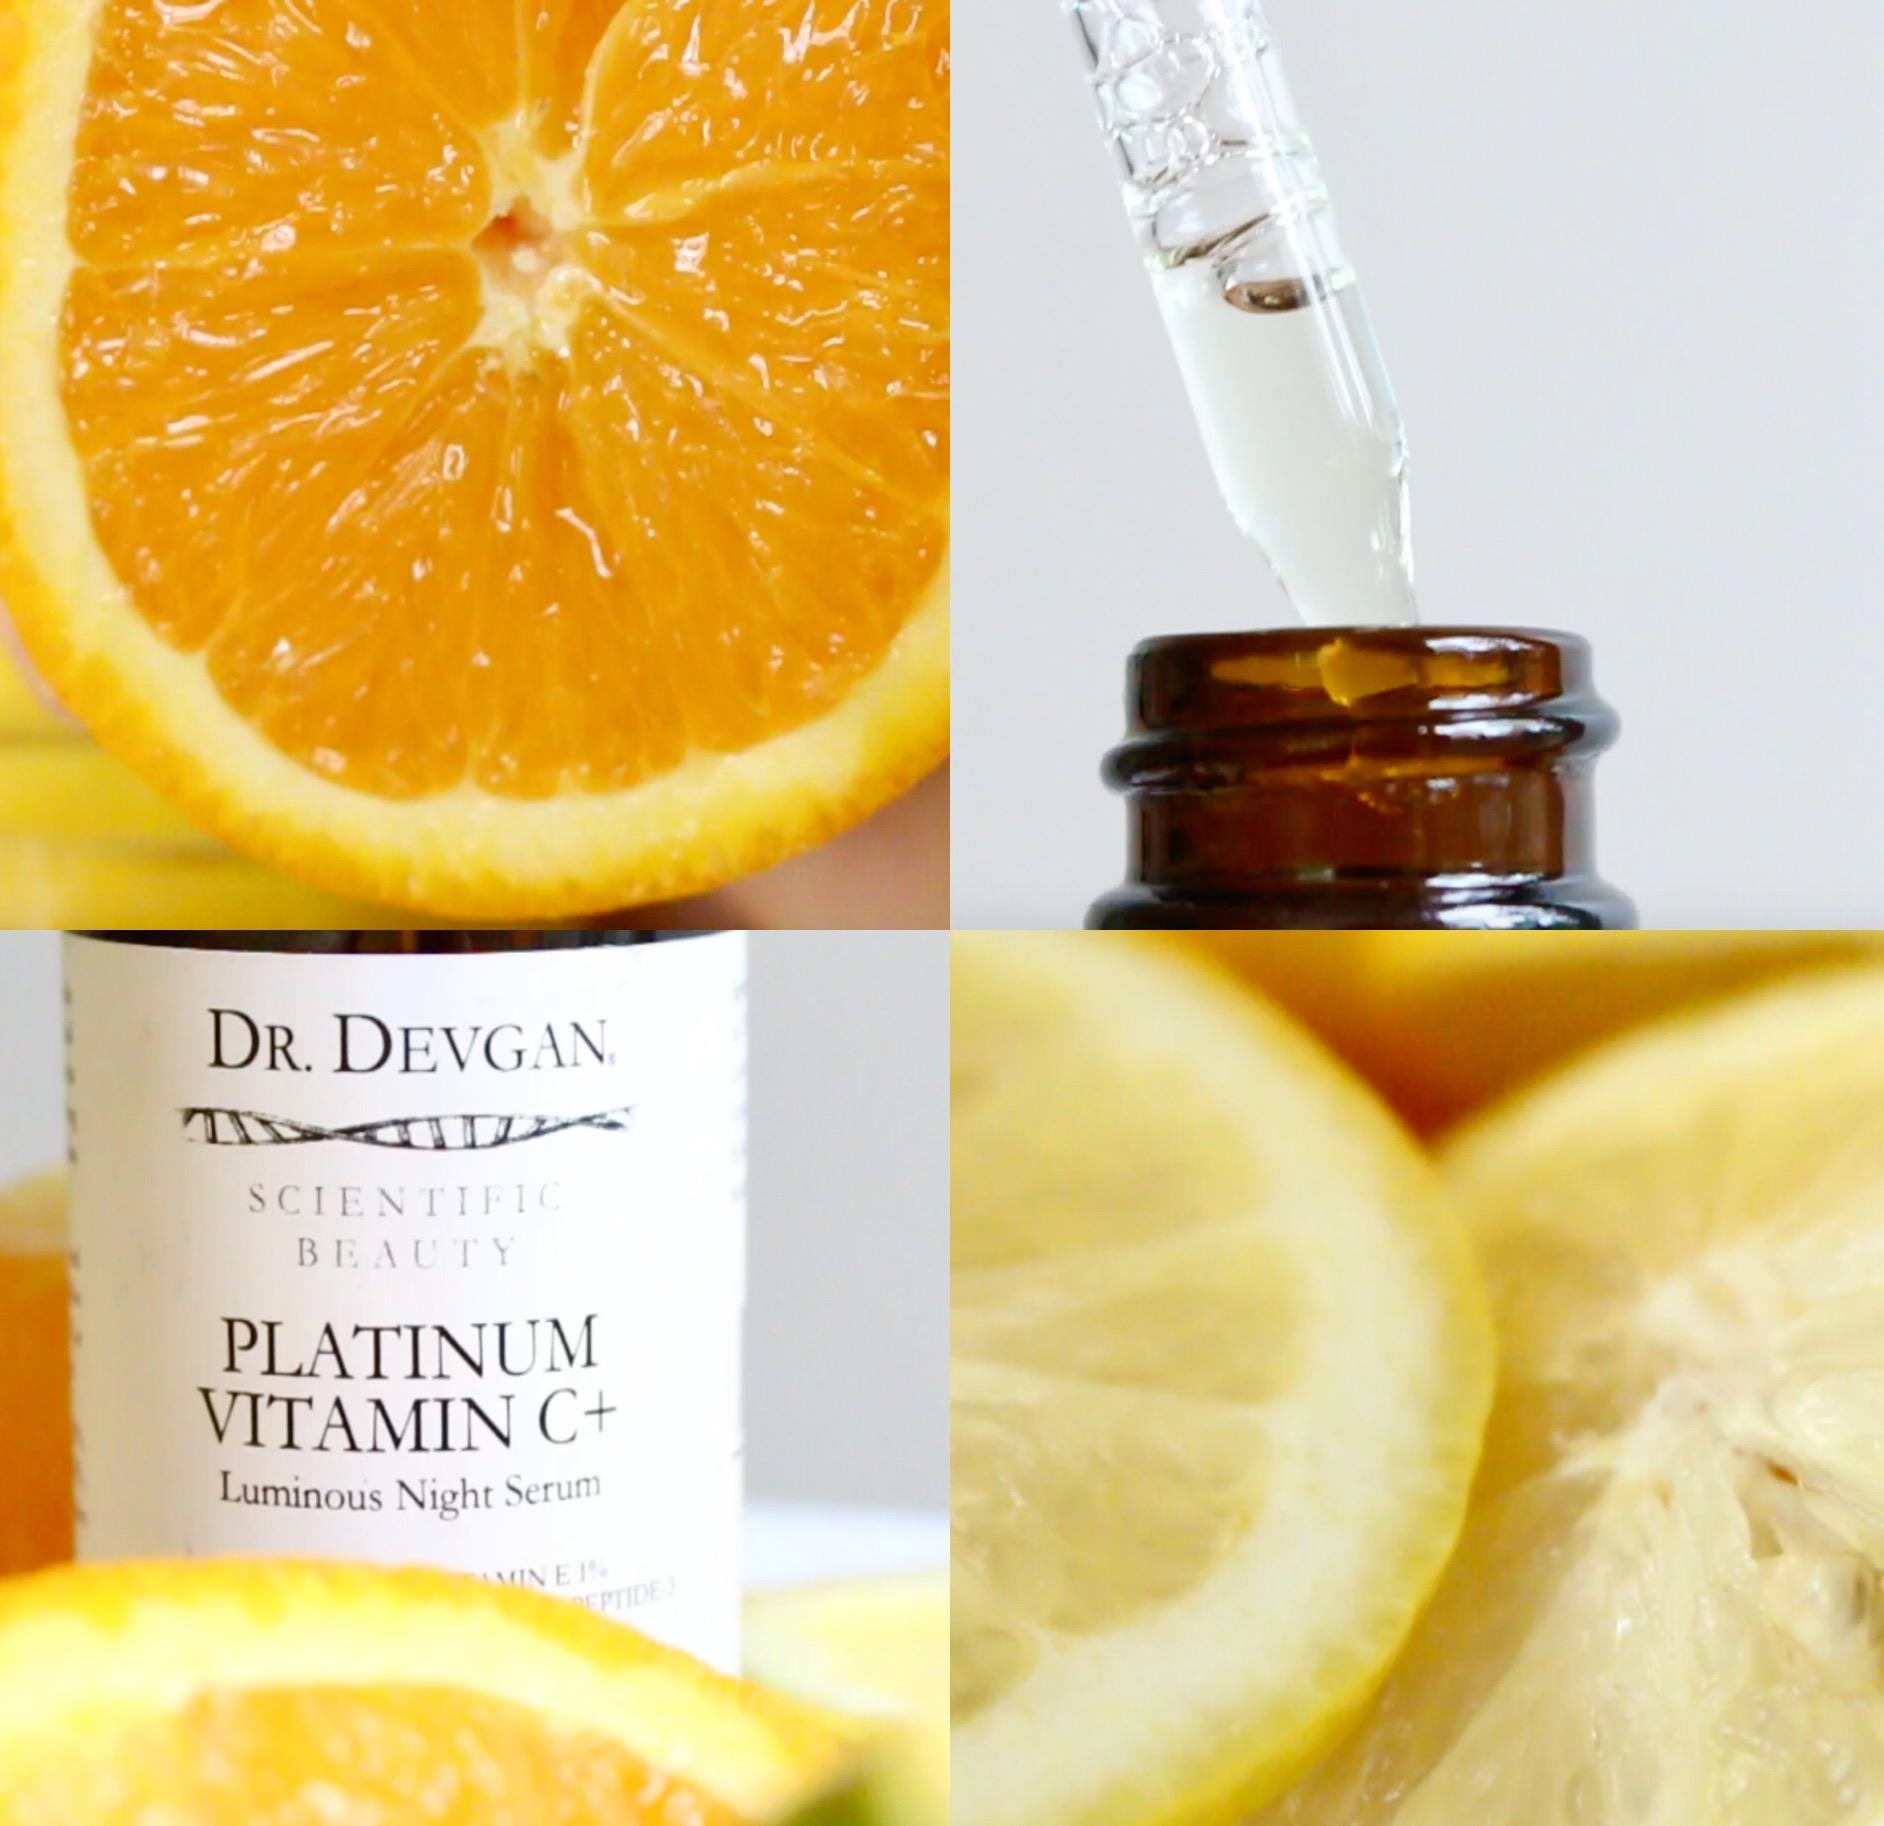 Scientific Beauty's Platinum Vitamin C+ Serum is rich in antioxidants which helps combat free radicals